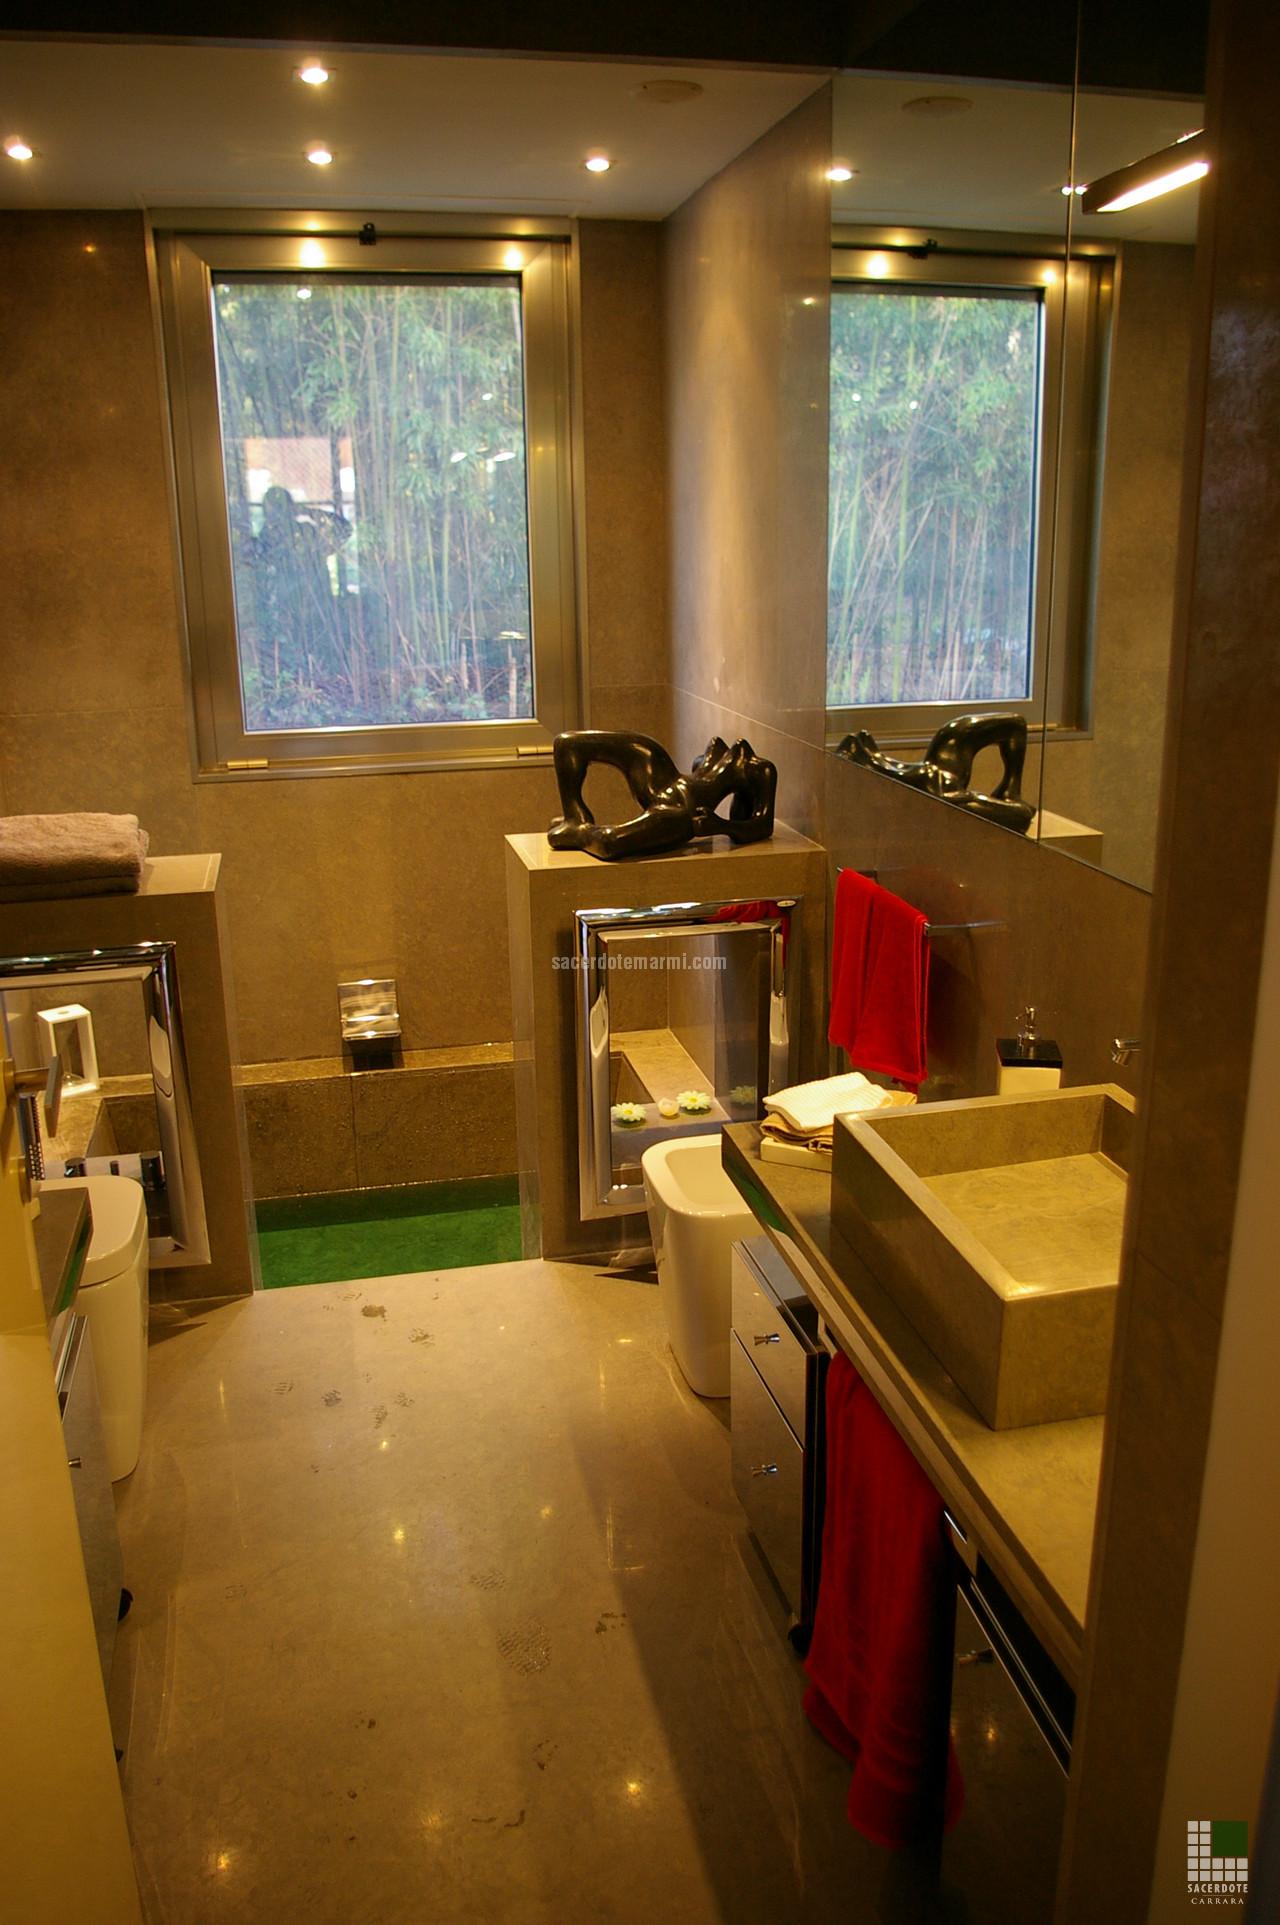 Ikea Rubinetteria Bagno: Accessori bagno in legno ikea: accessori ...